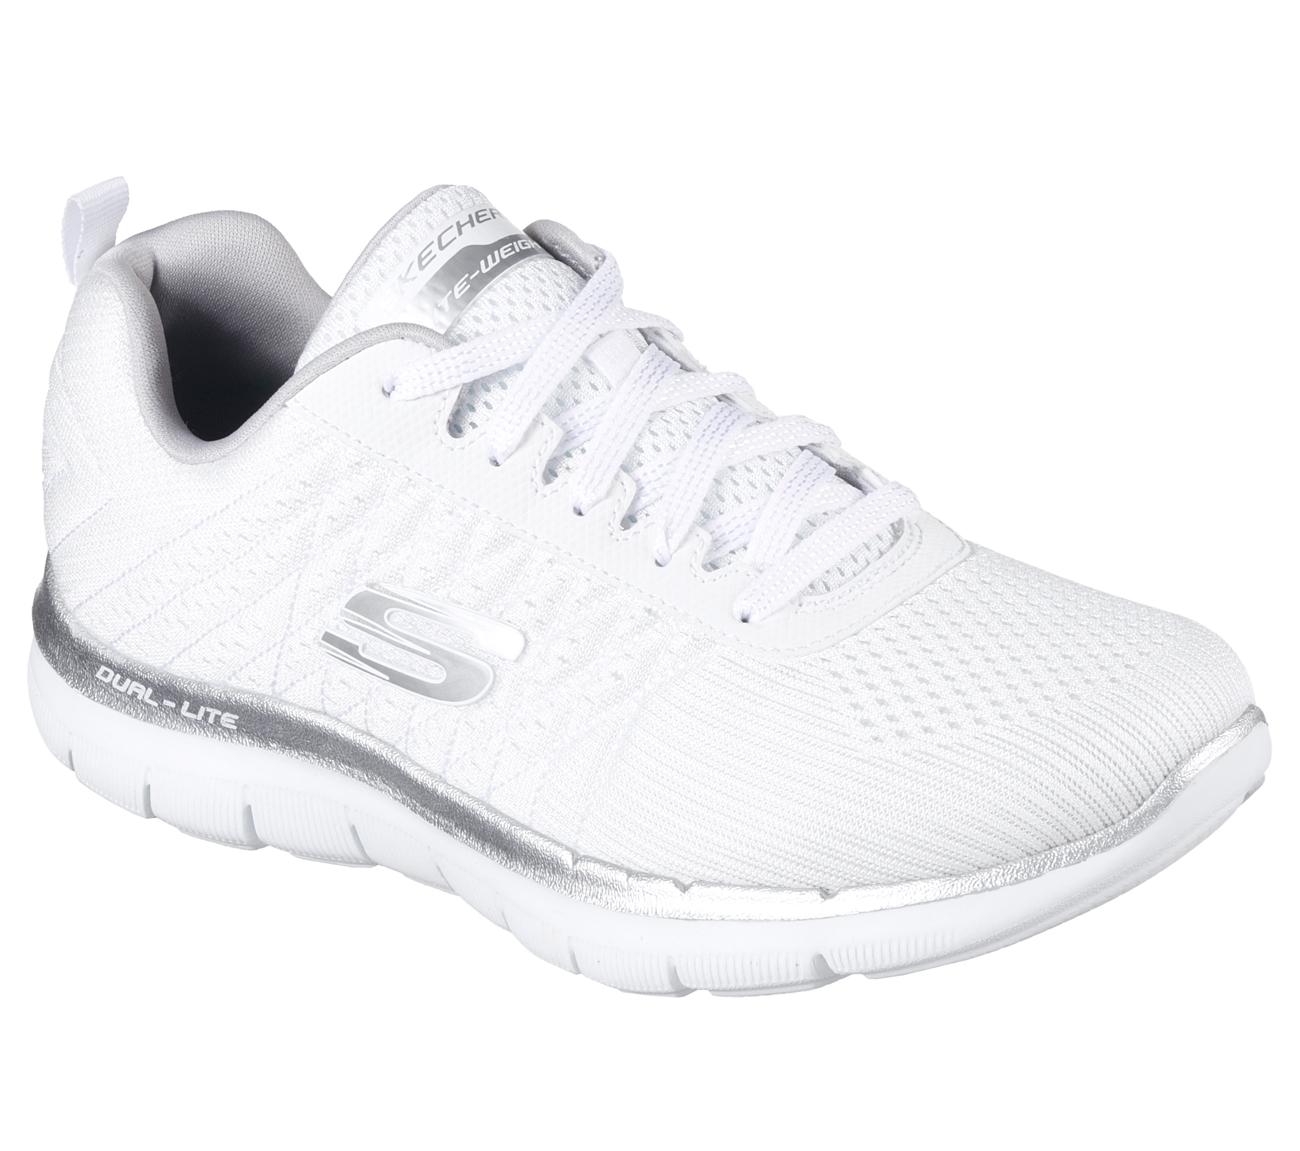 Zapatillas Skechers Mujer Blancas